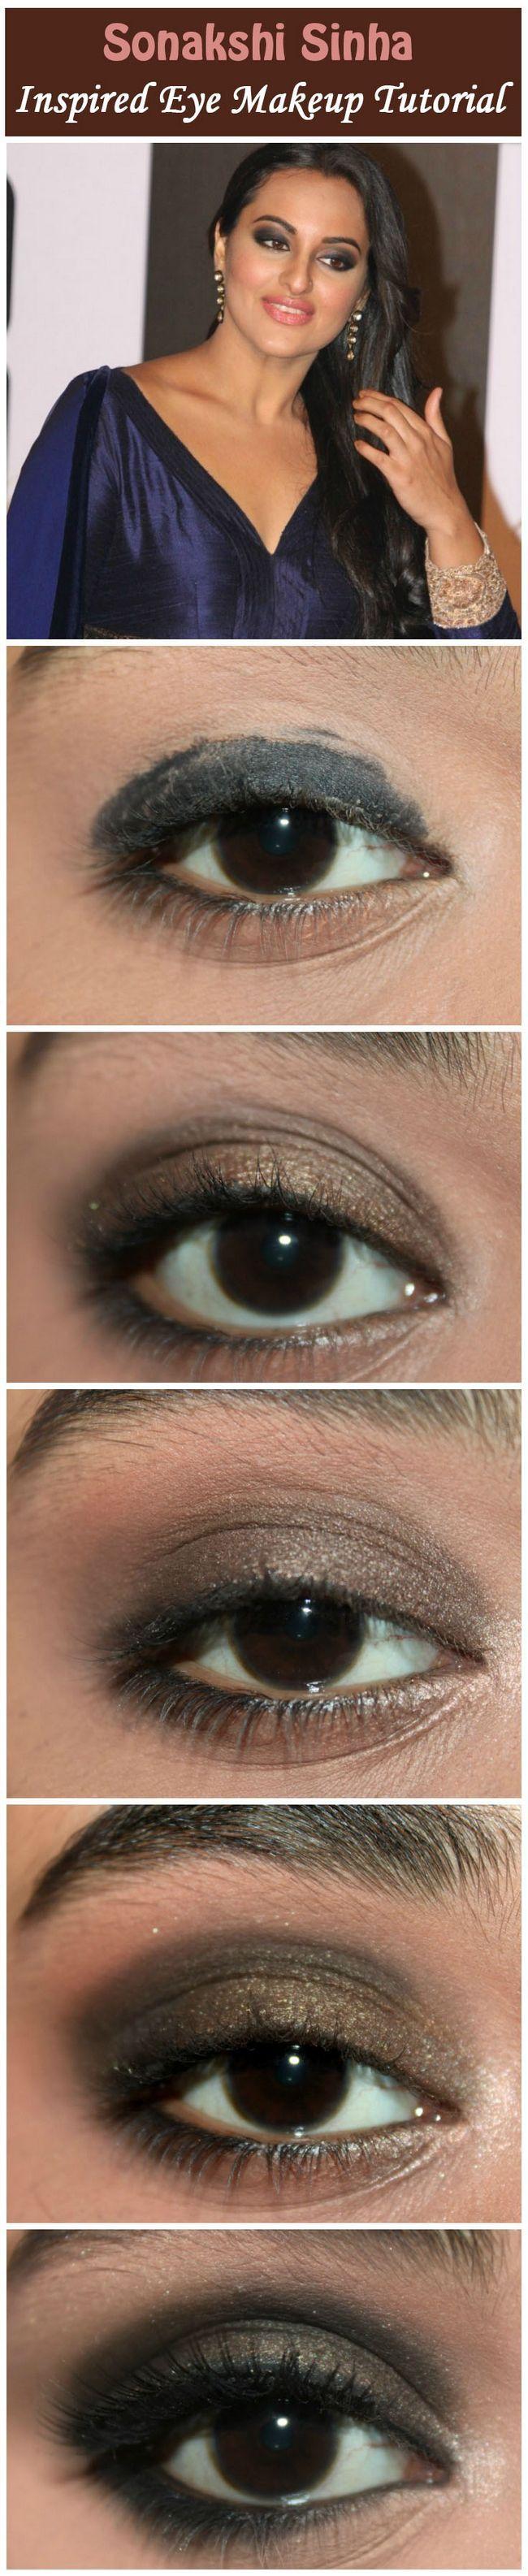 Le maquillage des yeux inspiré Sonakshi de Sinha - tutoriel avec des étapes détaillées et des images